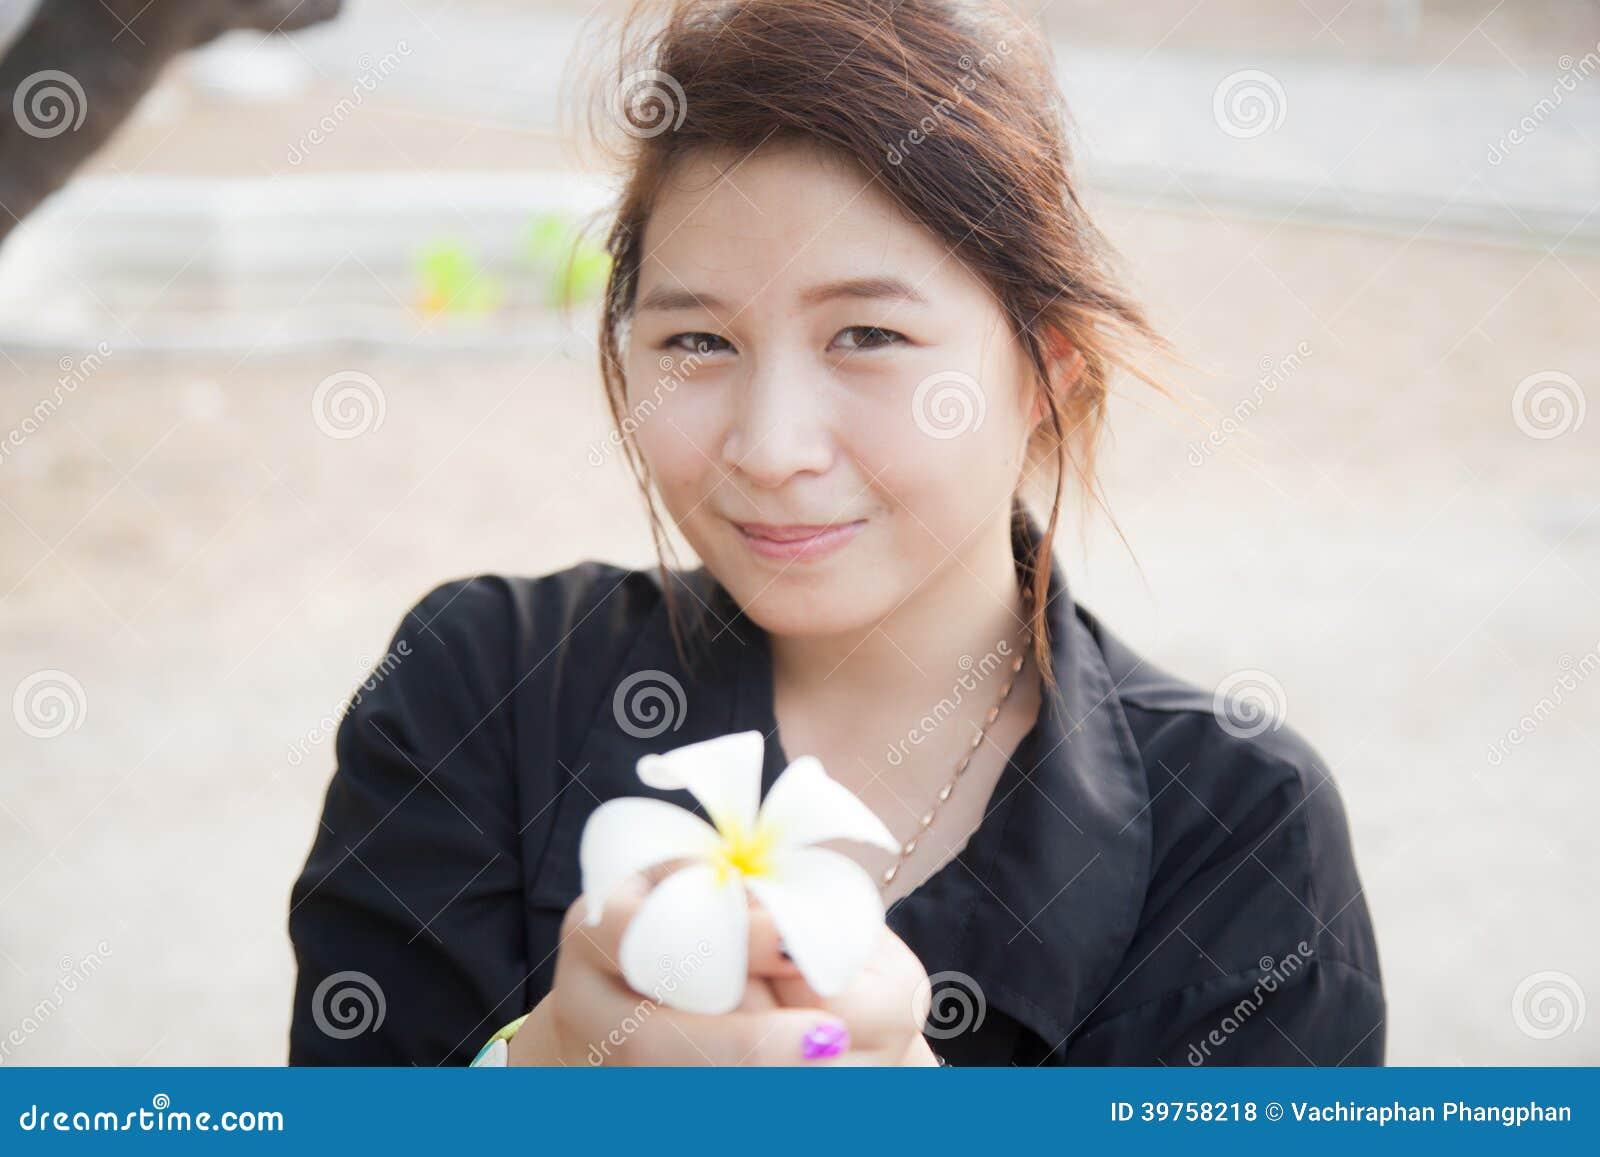 a52f5485f56e2 Camisa asiática del negro de la mujer. Llevar a cabo flores blancas y un  soporte de flor.